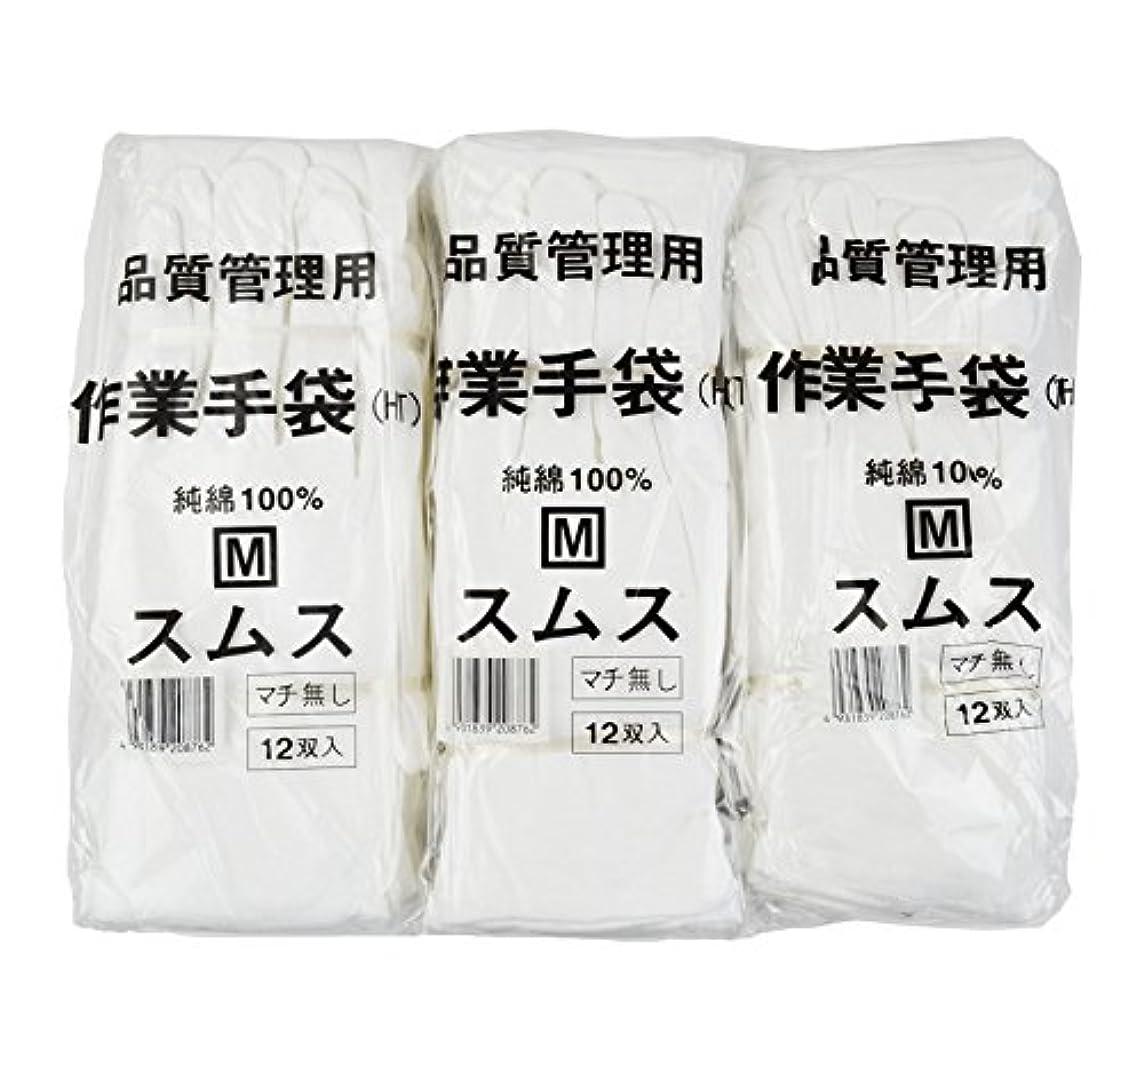 ランタン行くイノセンス【お得なセット売り】 純綿100% スムス 手袋 Mサイズ 12双×3袋セット 多用途 101116